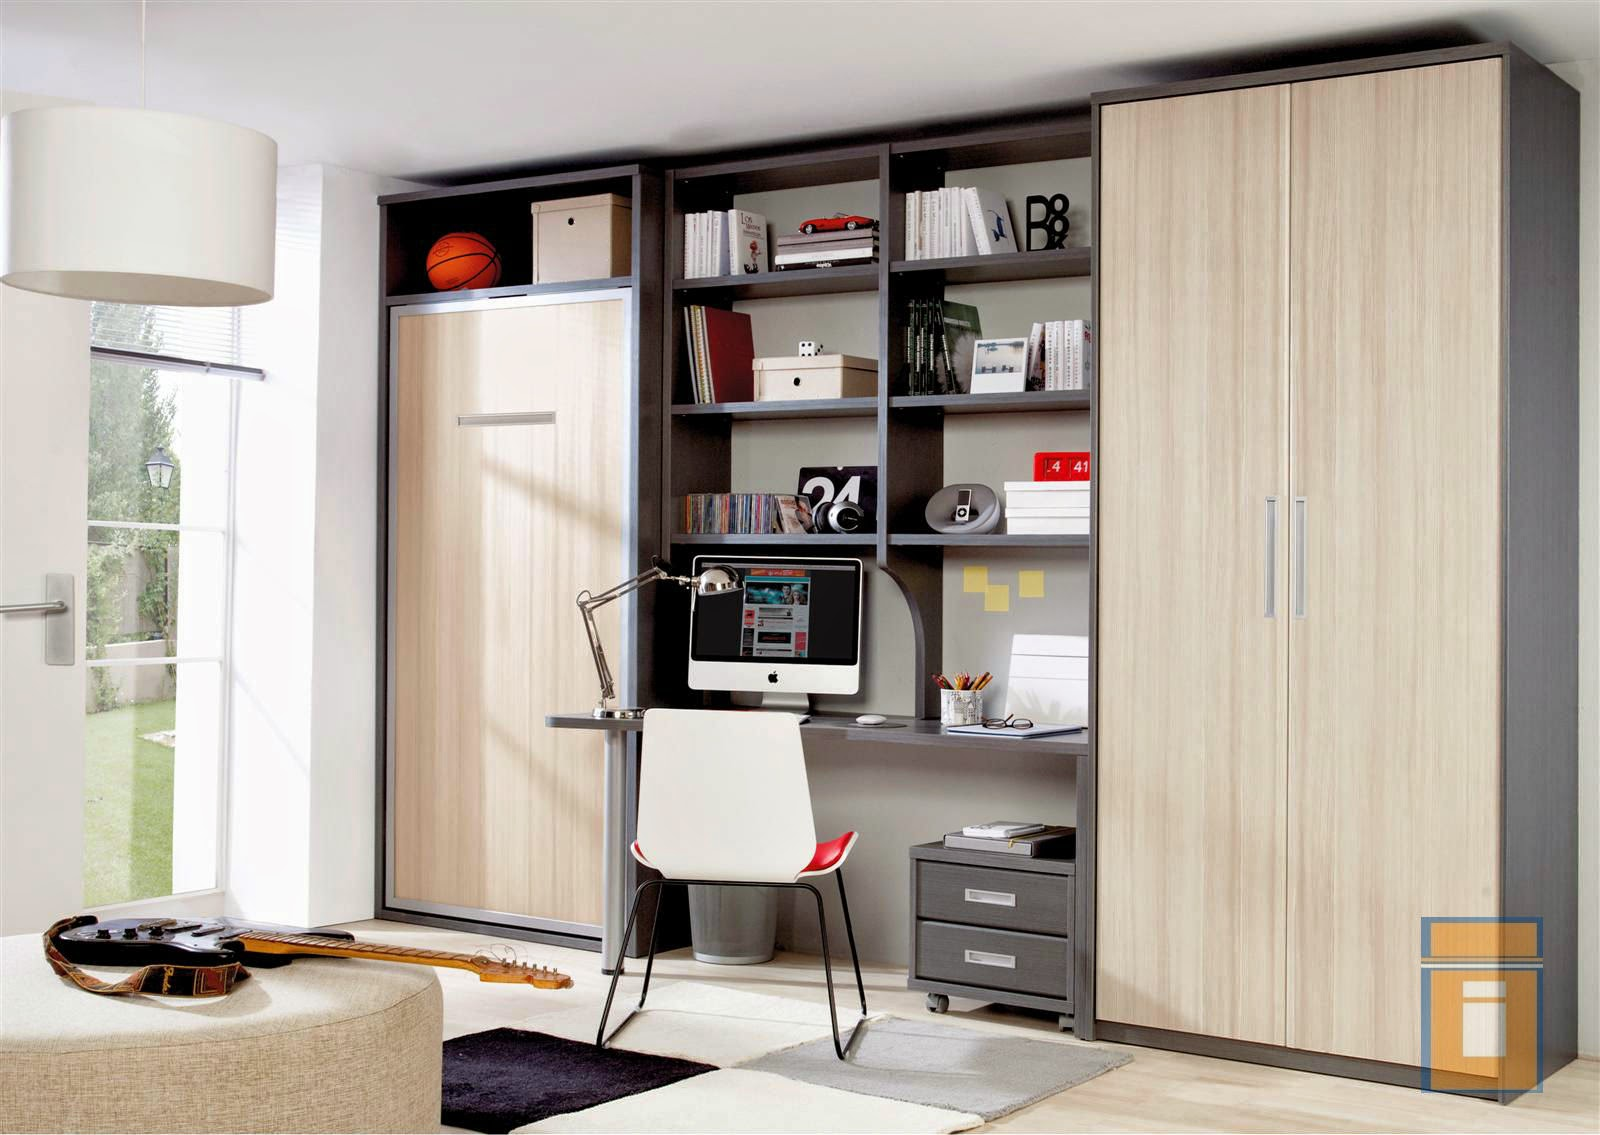 Armimobel muebles con vida dormitorios juveniles e for Ver habitaciones juveniles